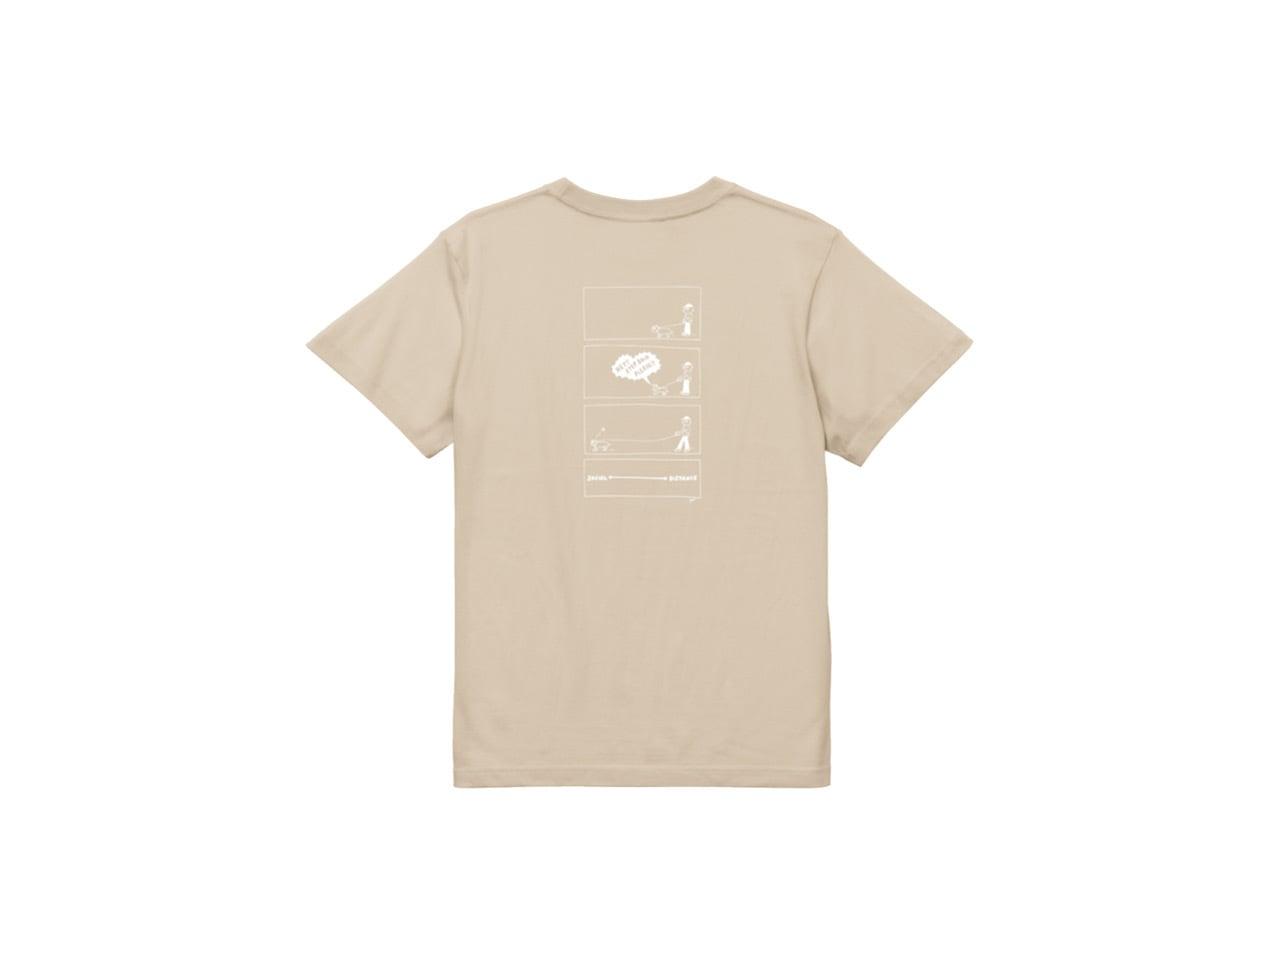 SHI x coguchi dog SD T-shirts (BG/WH)